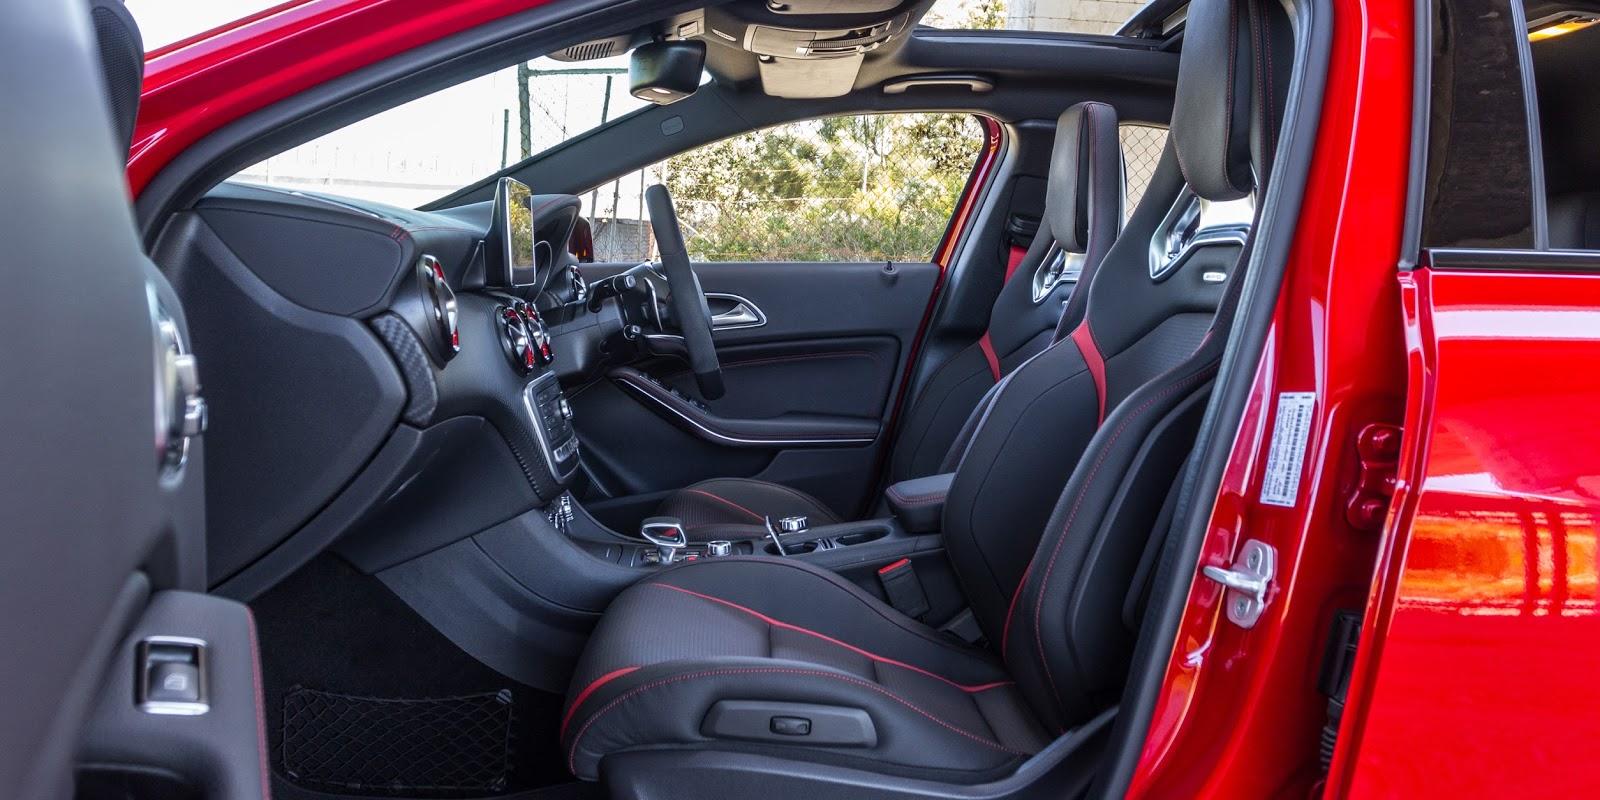 Ghế ngồi đậm chất siêu xe và đúng kiểu của những chiếc xe Mercedes AMG